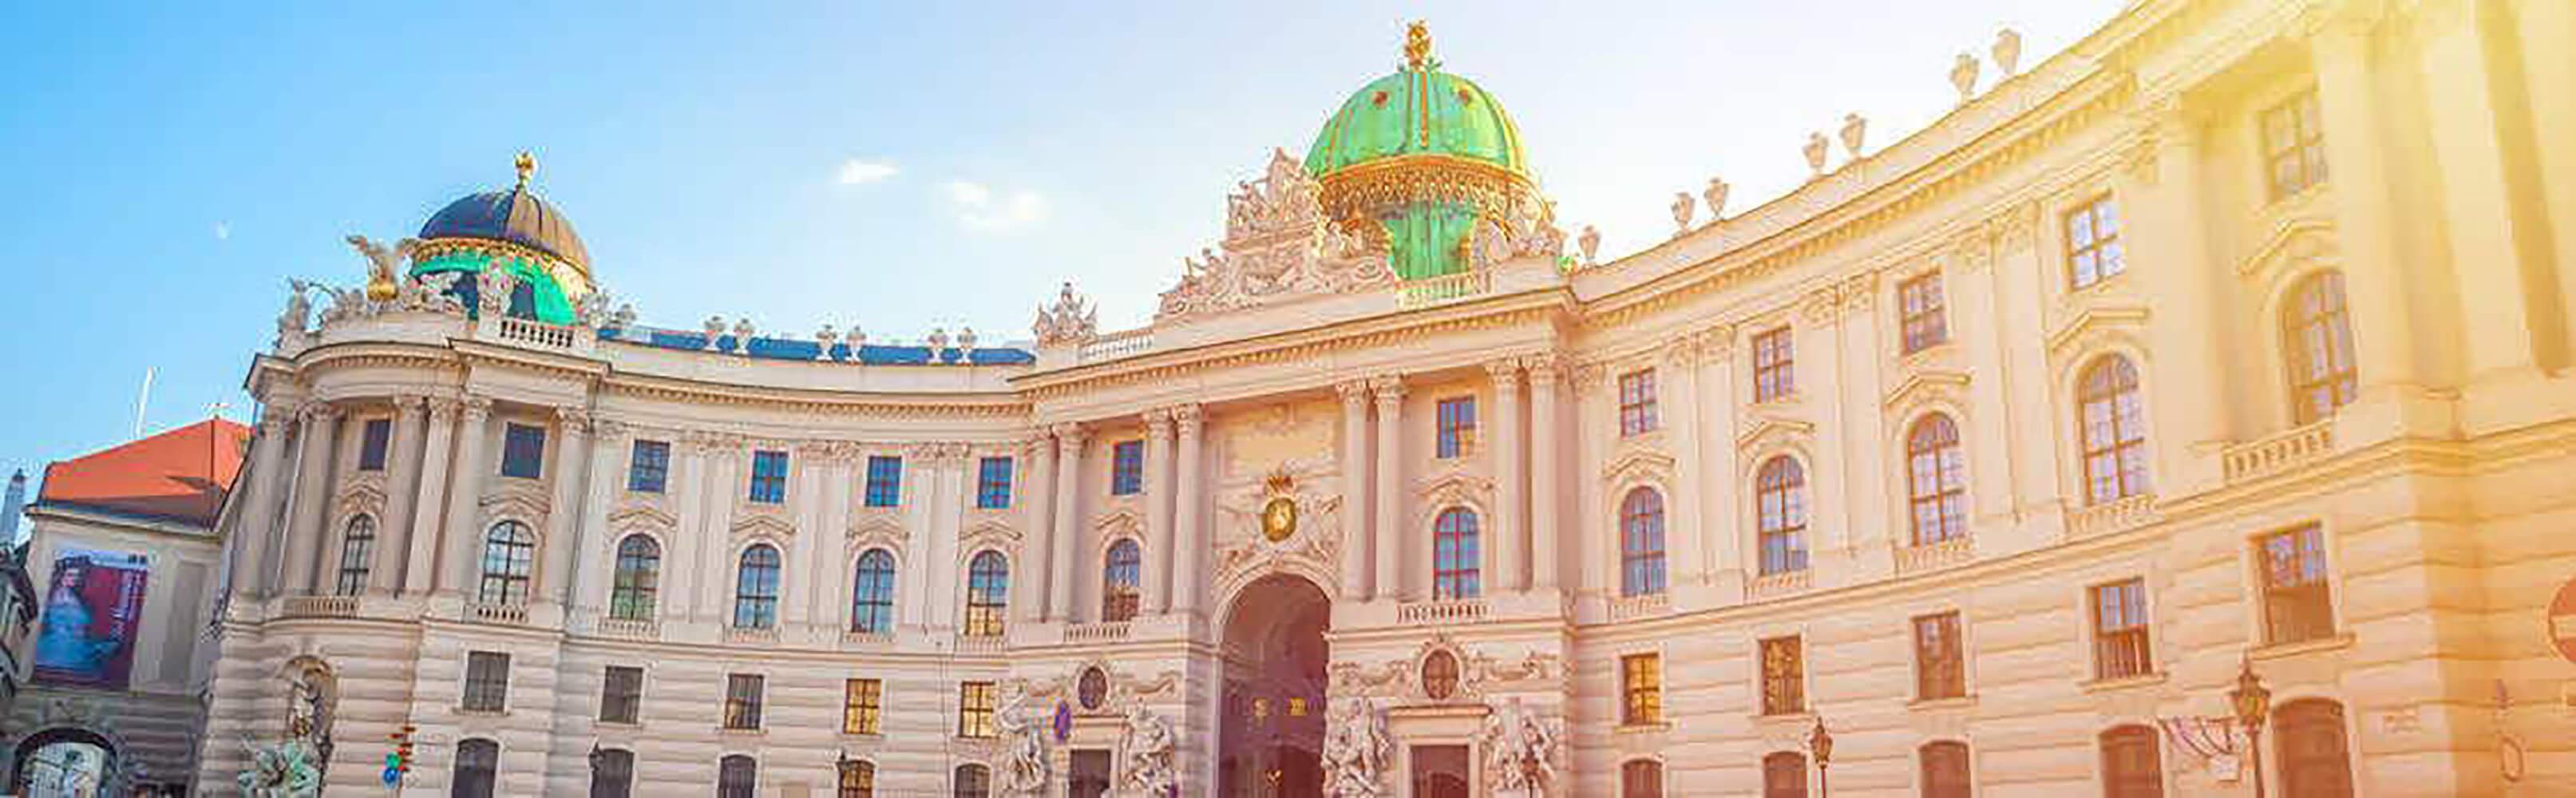 Wien - einfach unvergesslich schön! 1